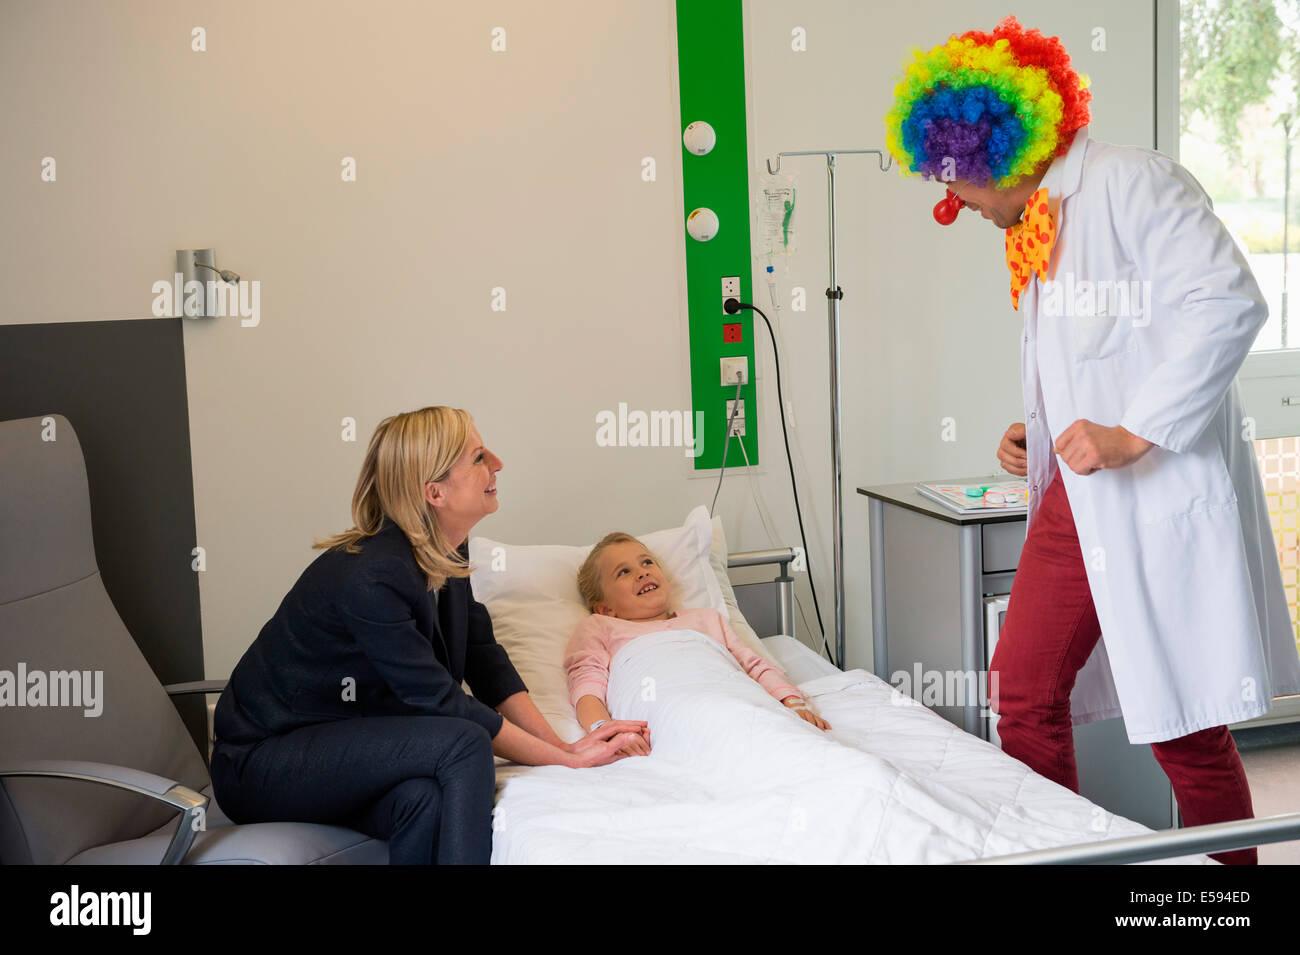 Medico maschio indossando costumi clown rendendo ragazza ridere del paziente nel letto di ospedale Immagini Stock